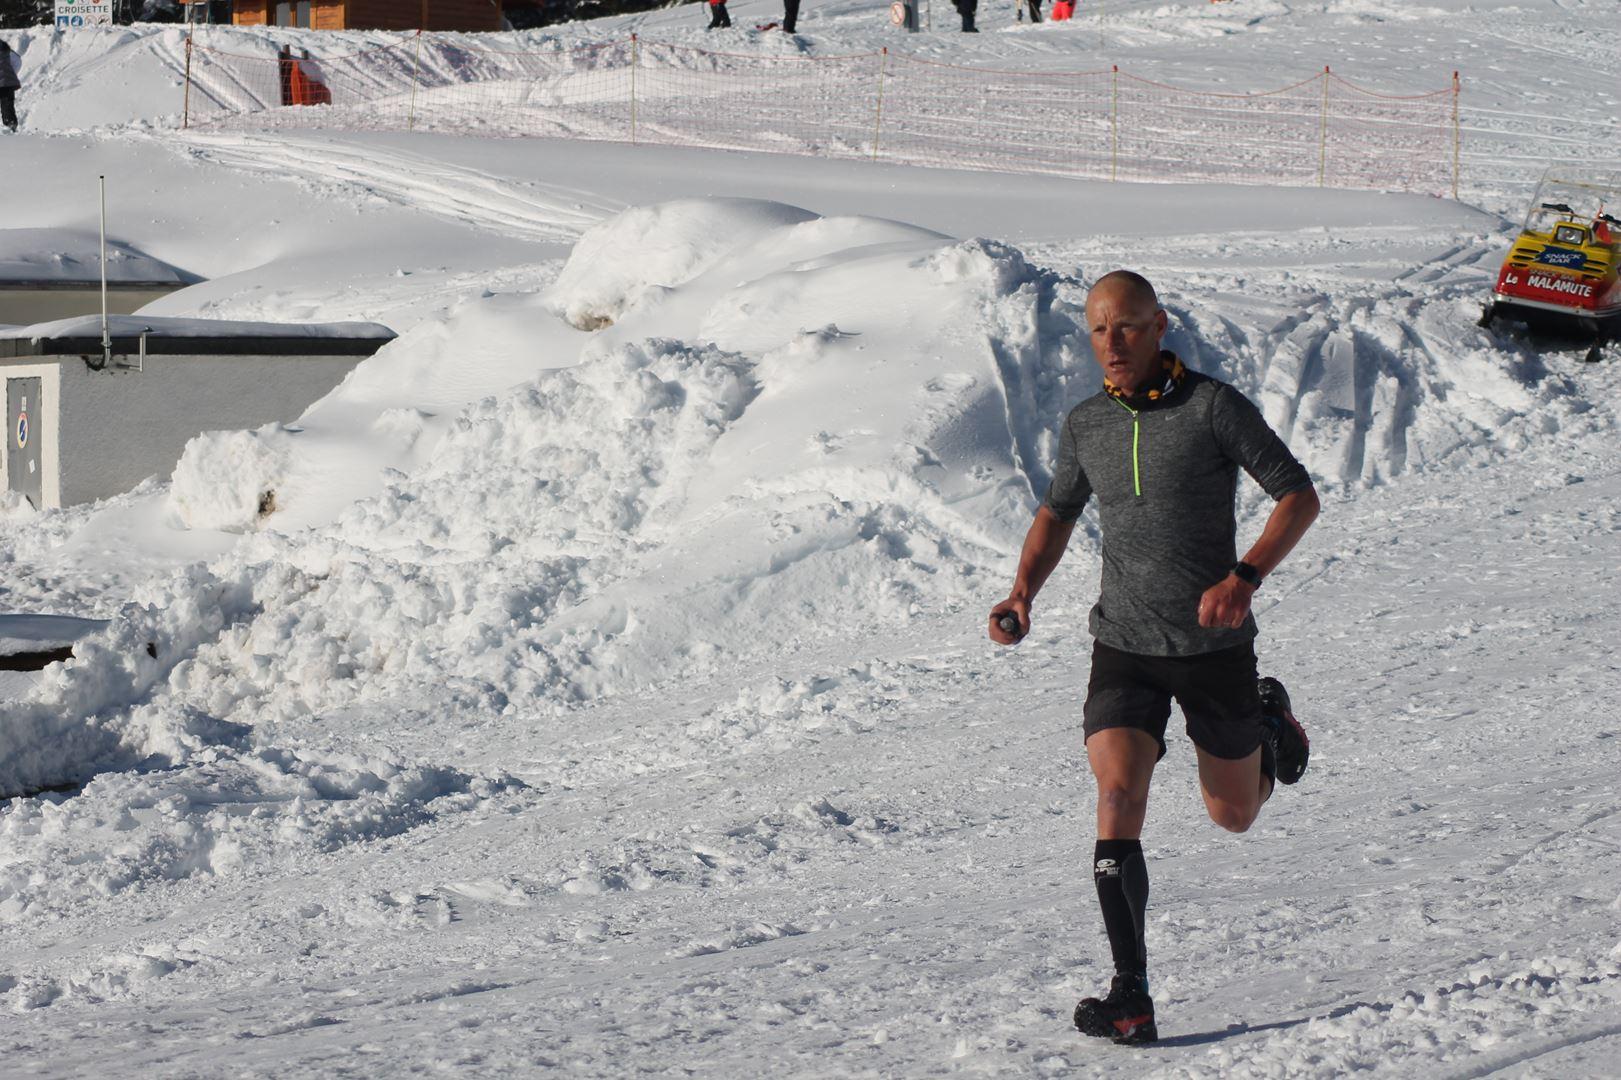 Steeve Dobert 2ème homme du 16km - WITT: RESULTATS, PHOTOS ET COMPTE RENDU DU TRAIL BLANC DE CHAMROUSSE 01-04-2018